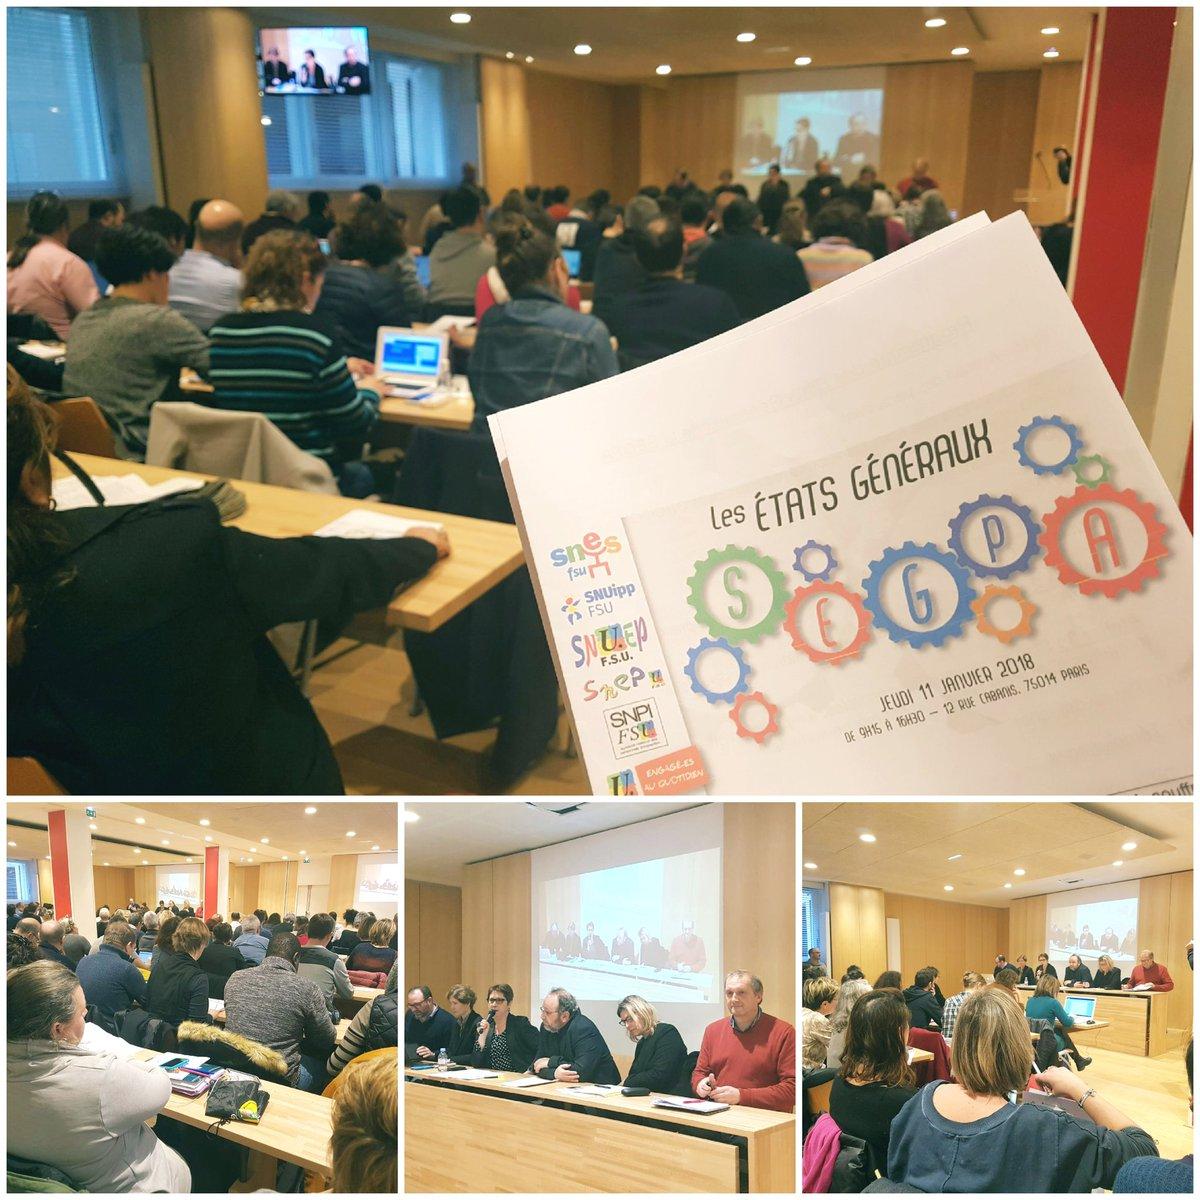 Lancement des États Généraux des #SEGPA de la #FSU. Enseignement adapté, où en est-on ? Plus de 100 collègues réunis pour discuter de l'avenir de l'adaptation scolaire. #SEGPAsnuipp https://t.co/ESdG71qpK1